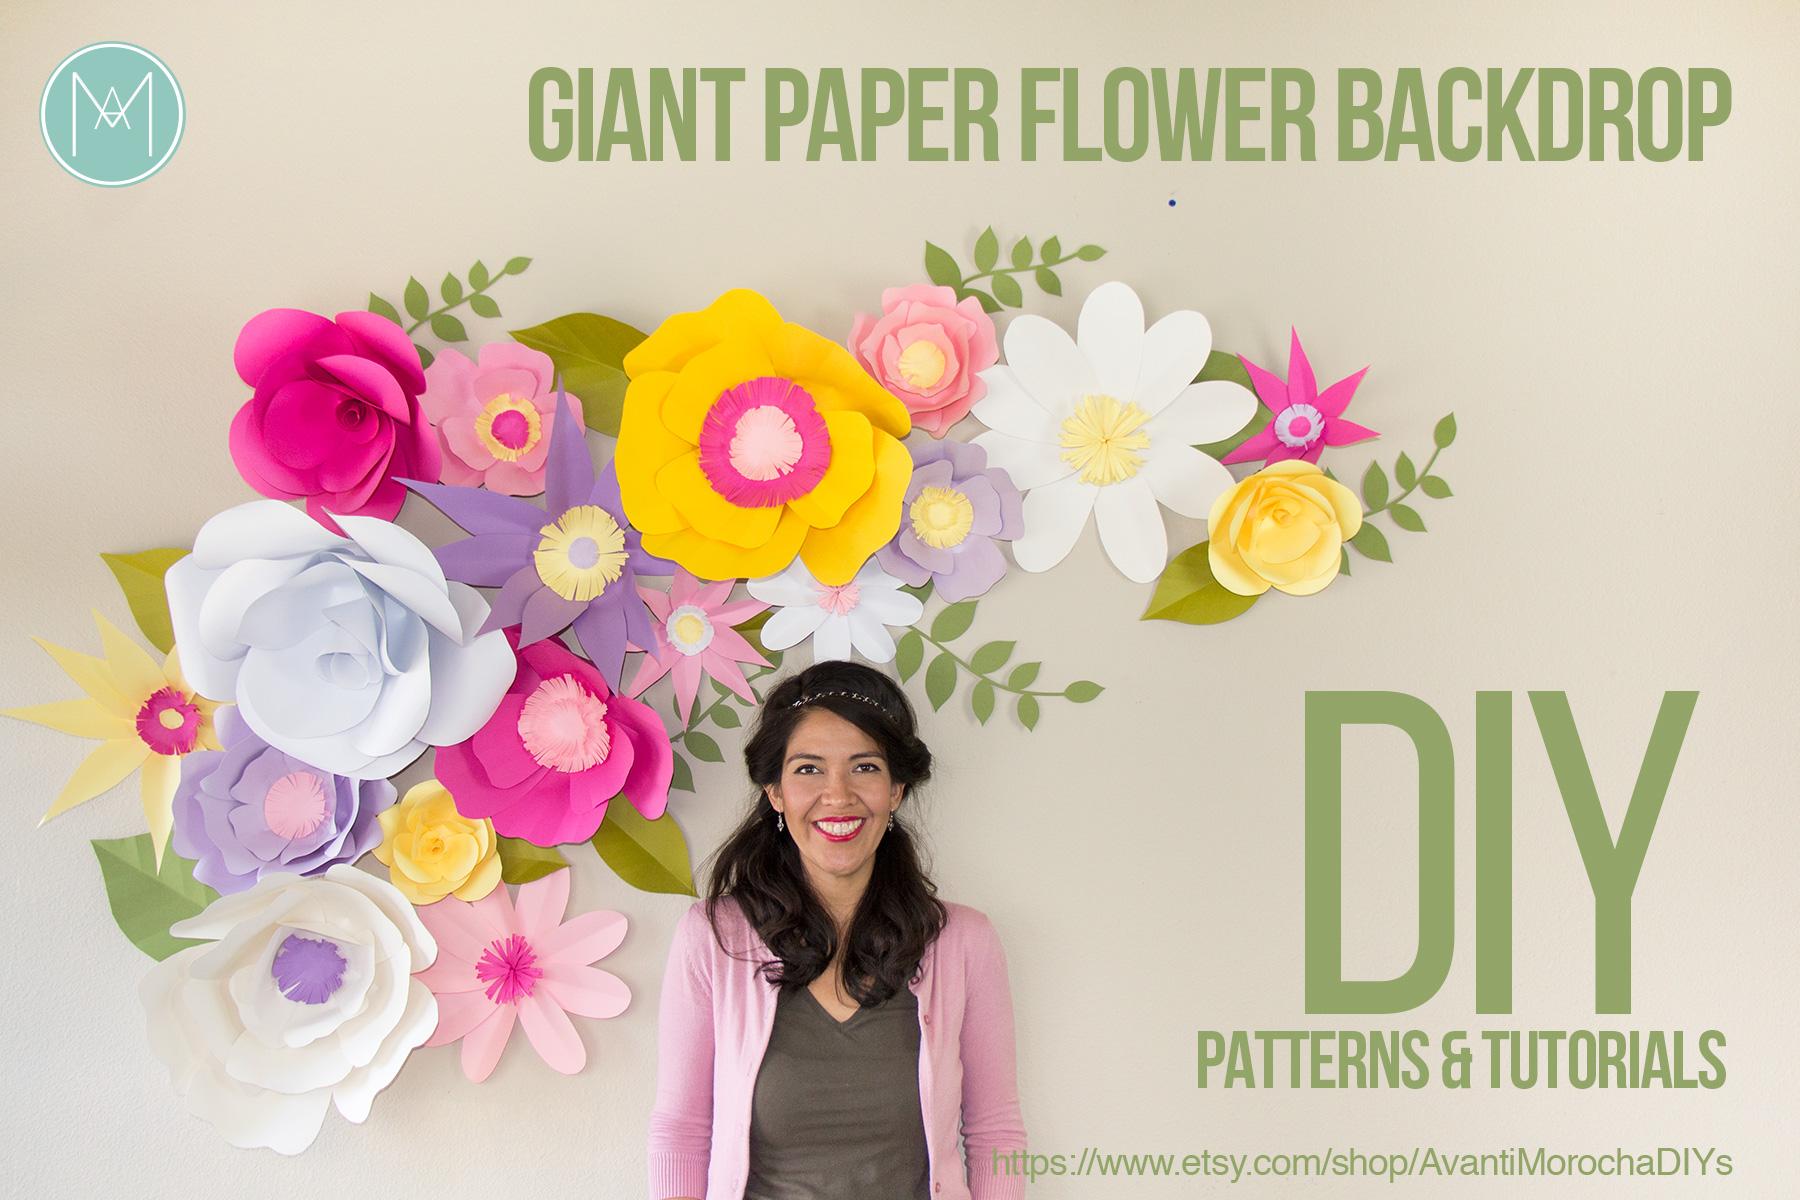 Diy Full Giant Paper Flower Backdrop Avanti Morocha